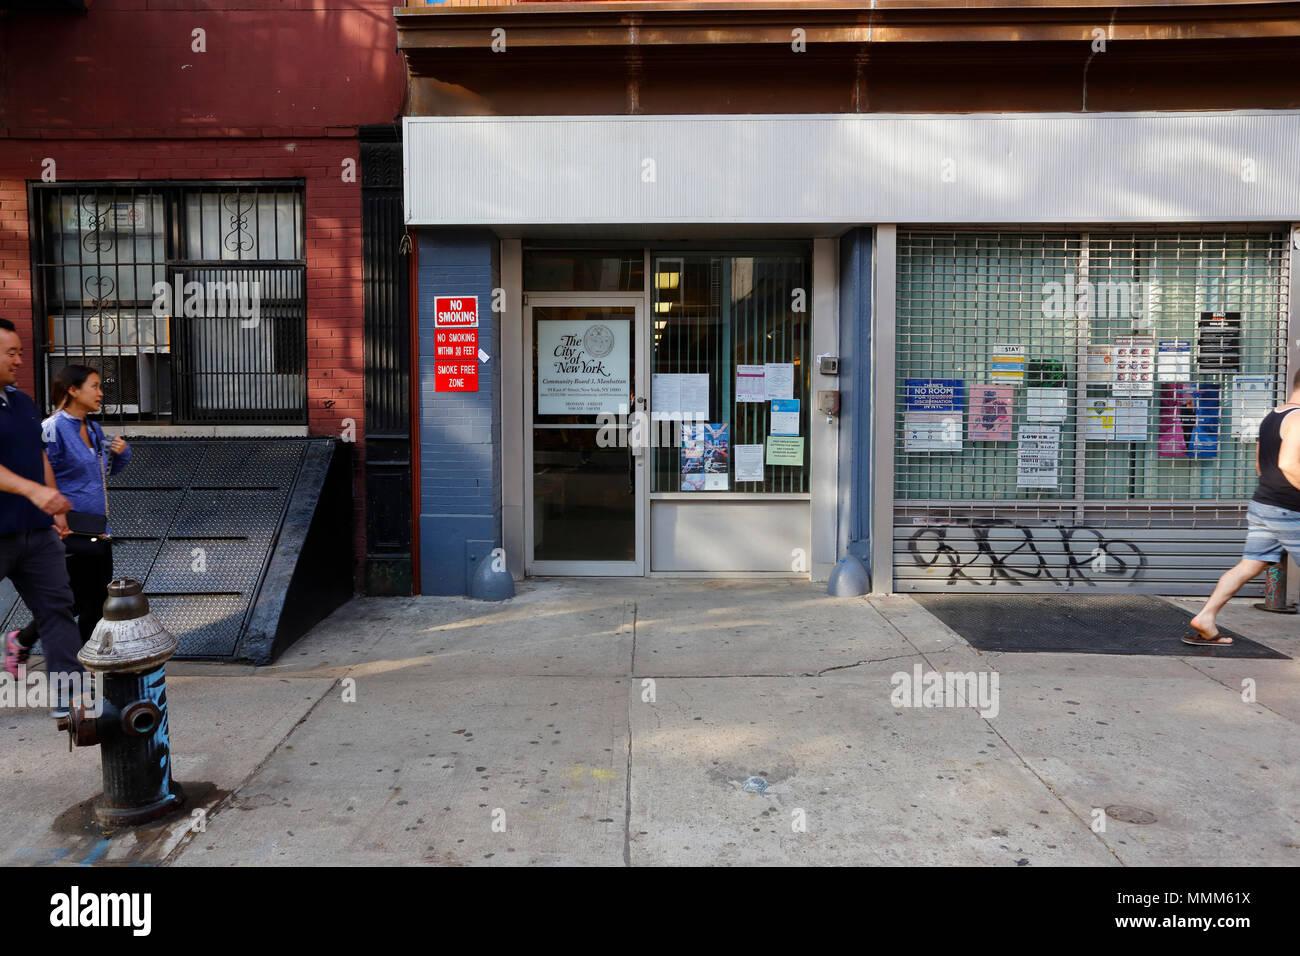 Manhattan Community Board 3, 59 E 4th St, New York, NY - Stock Image